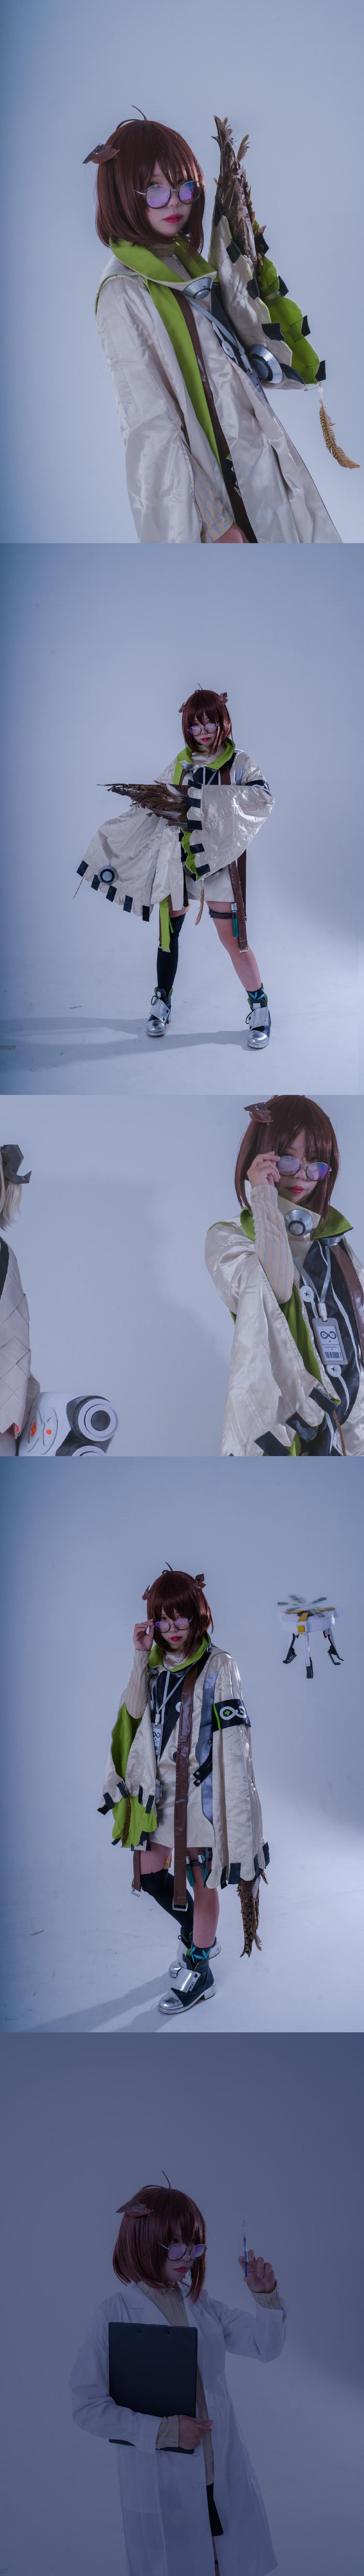 《明日方舟》伊芙利特cosplay【CN:無聊小啟】-第6张